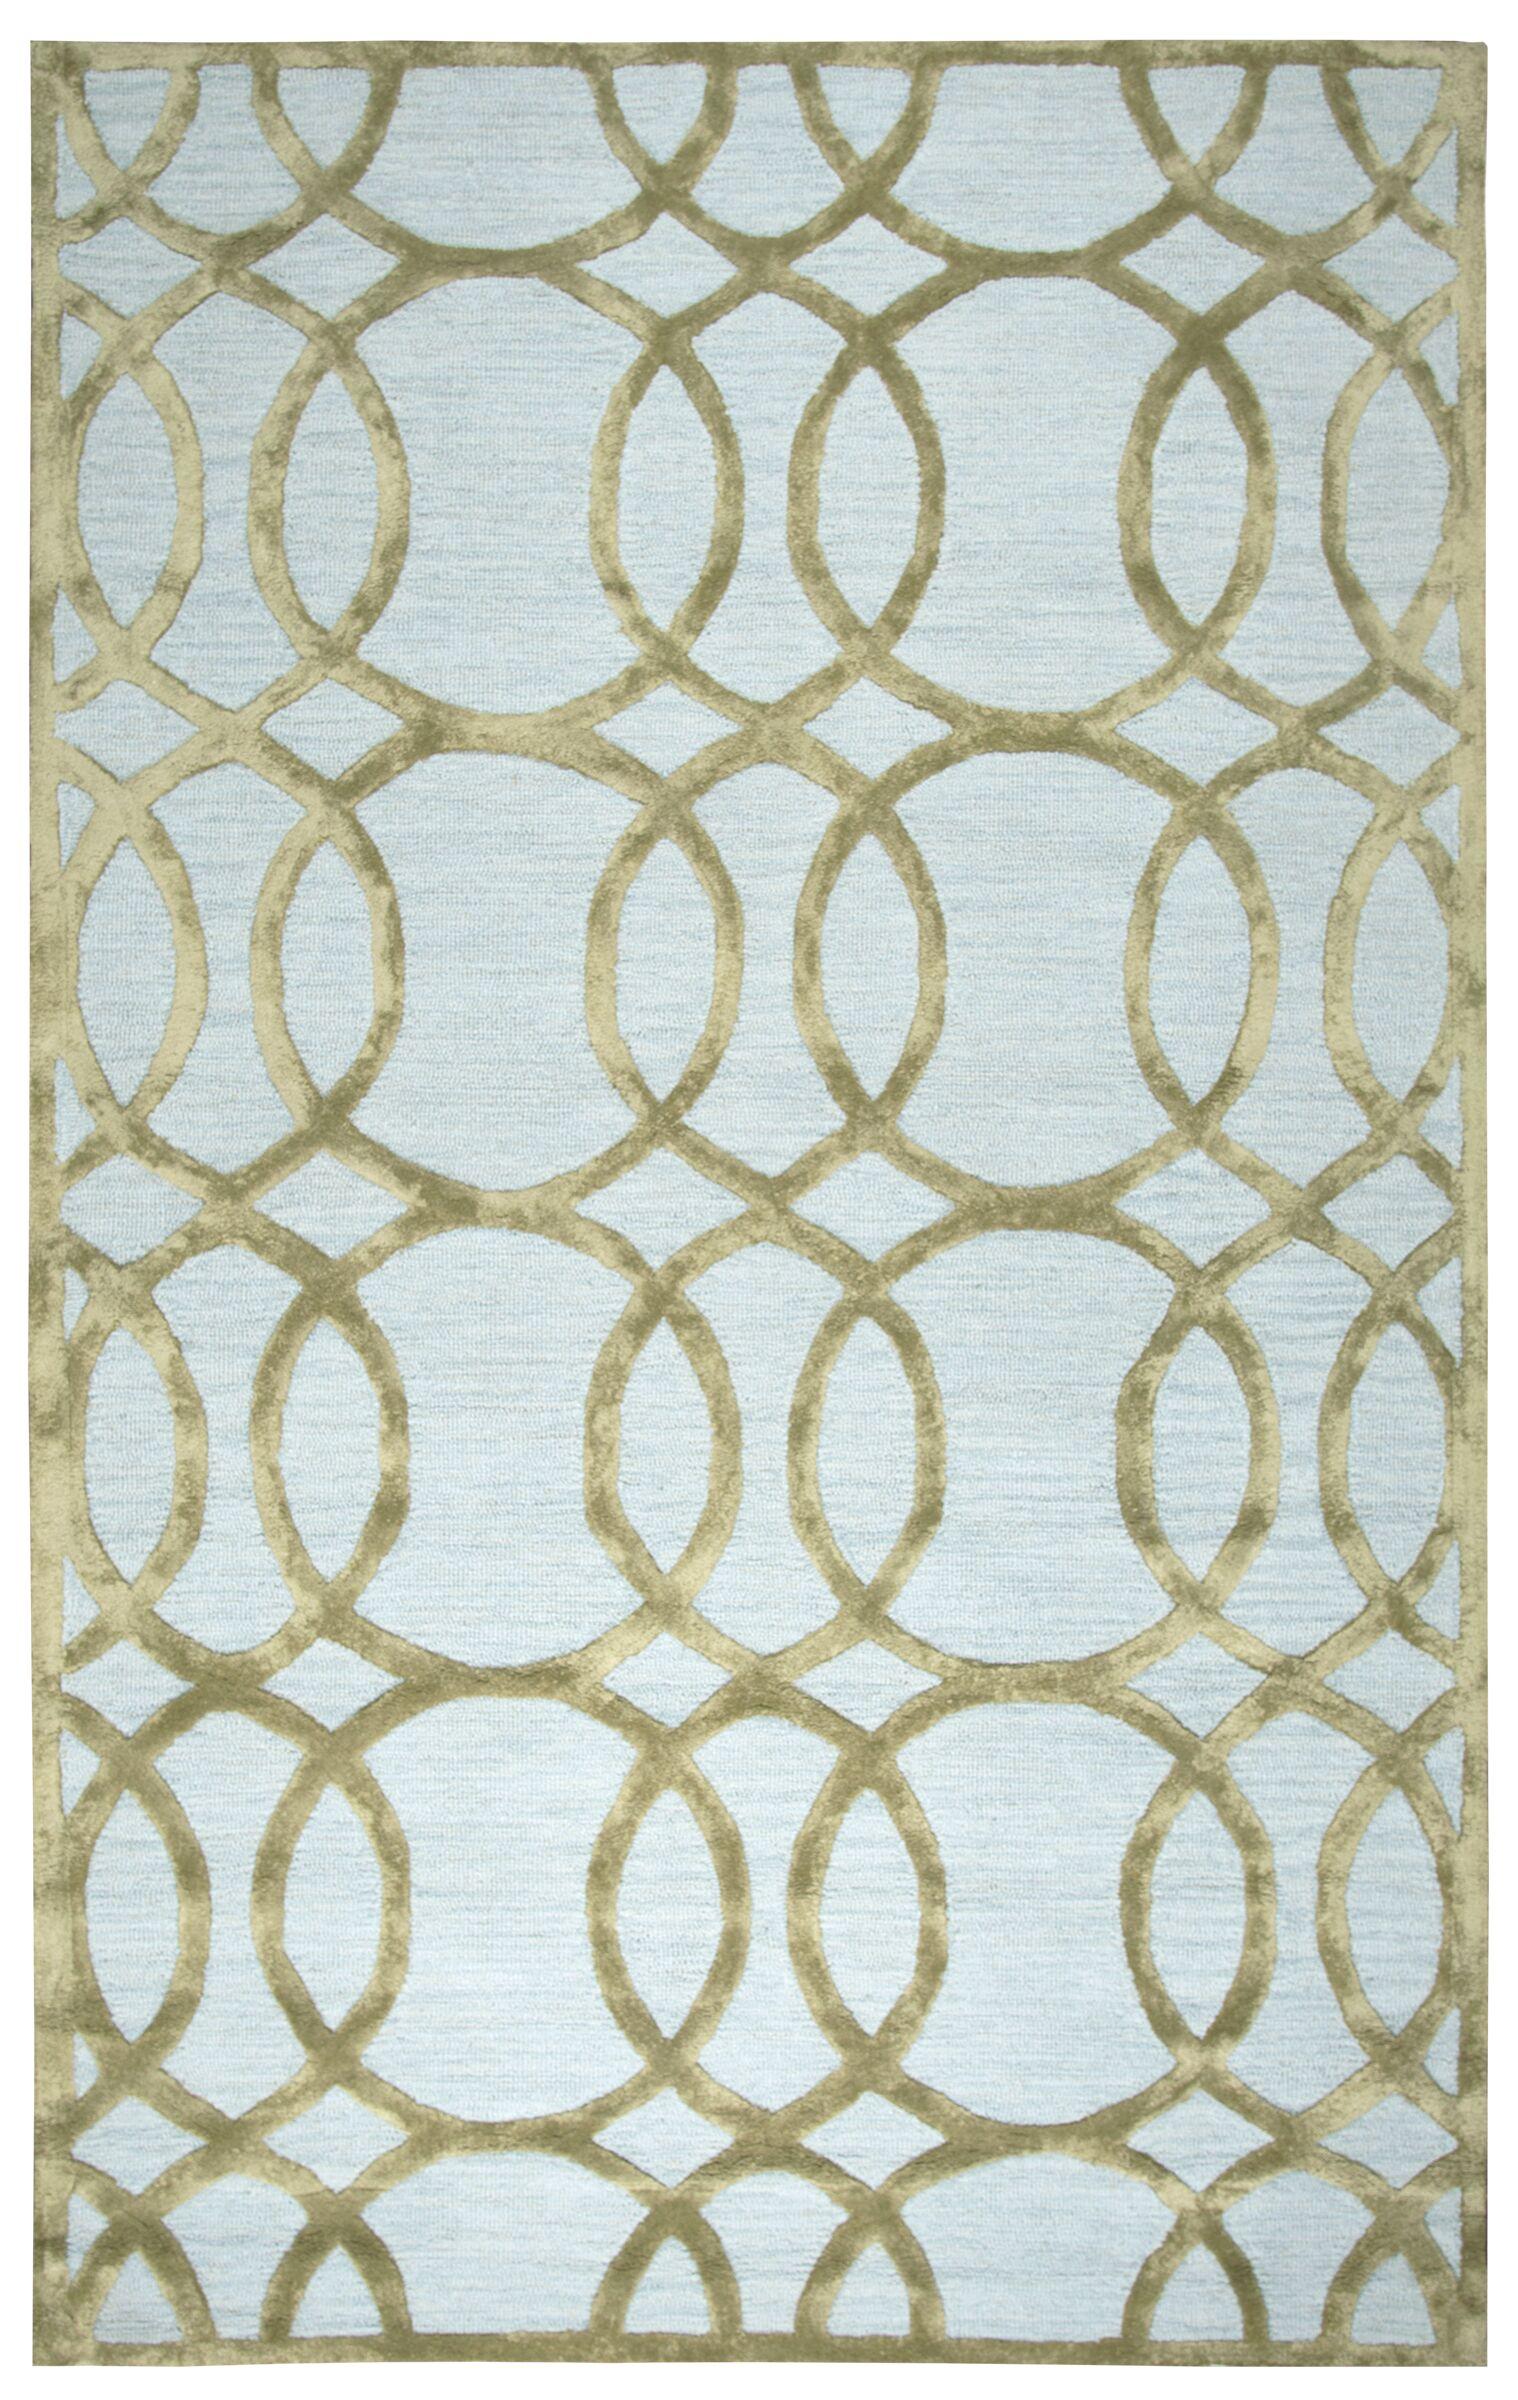 Bukovina Hand-Tufted Ivory/Cream Area Rug Size: Rectangle 5' x 8'